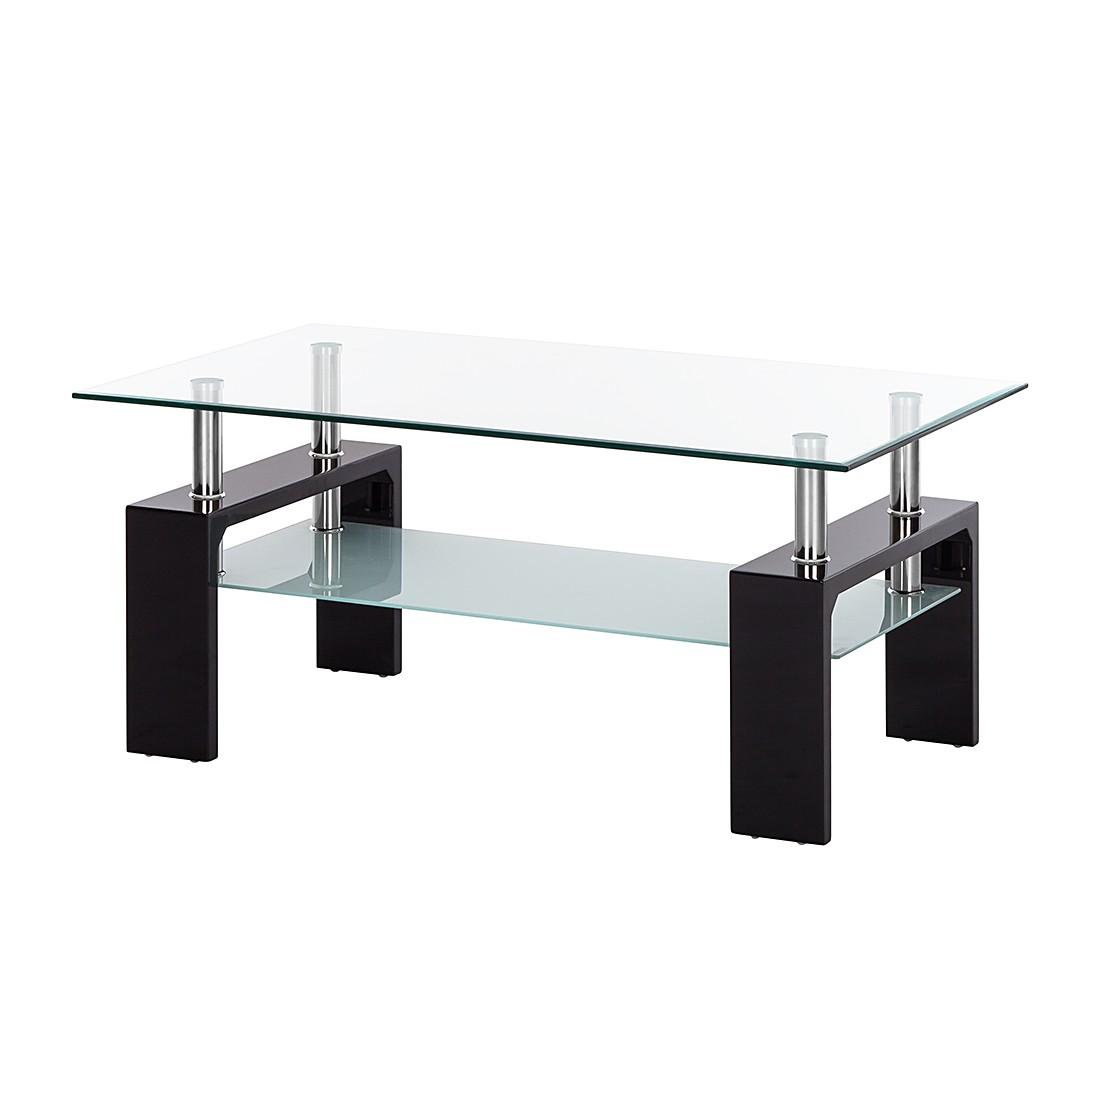 Tavolino da salotto Glassy - Vetro trasparente/Nero, roomscape